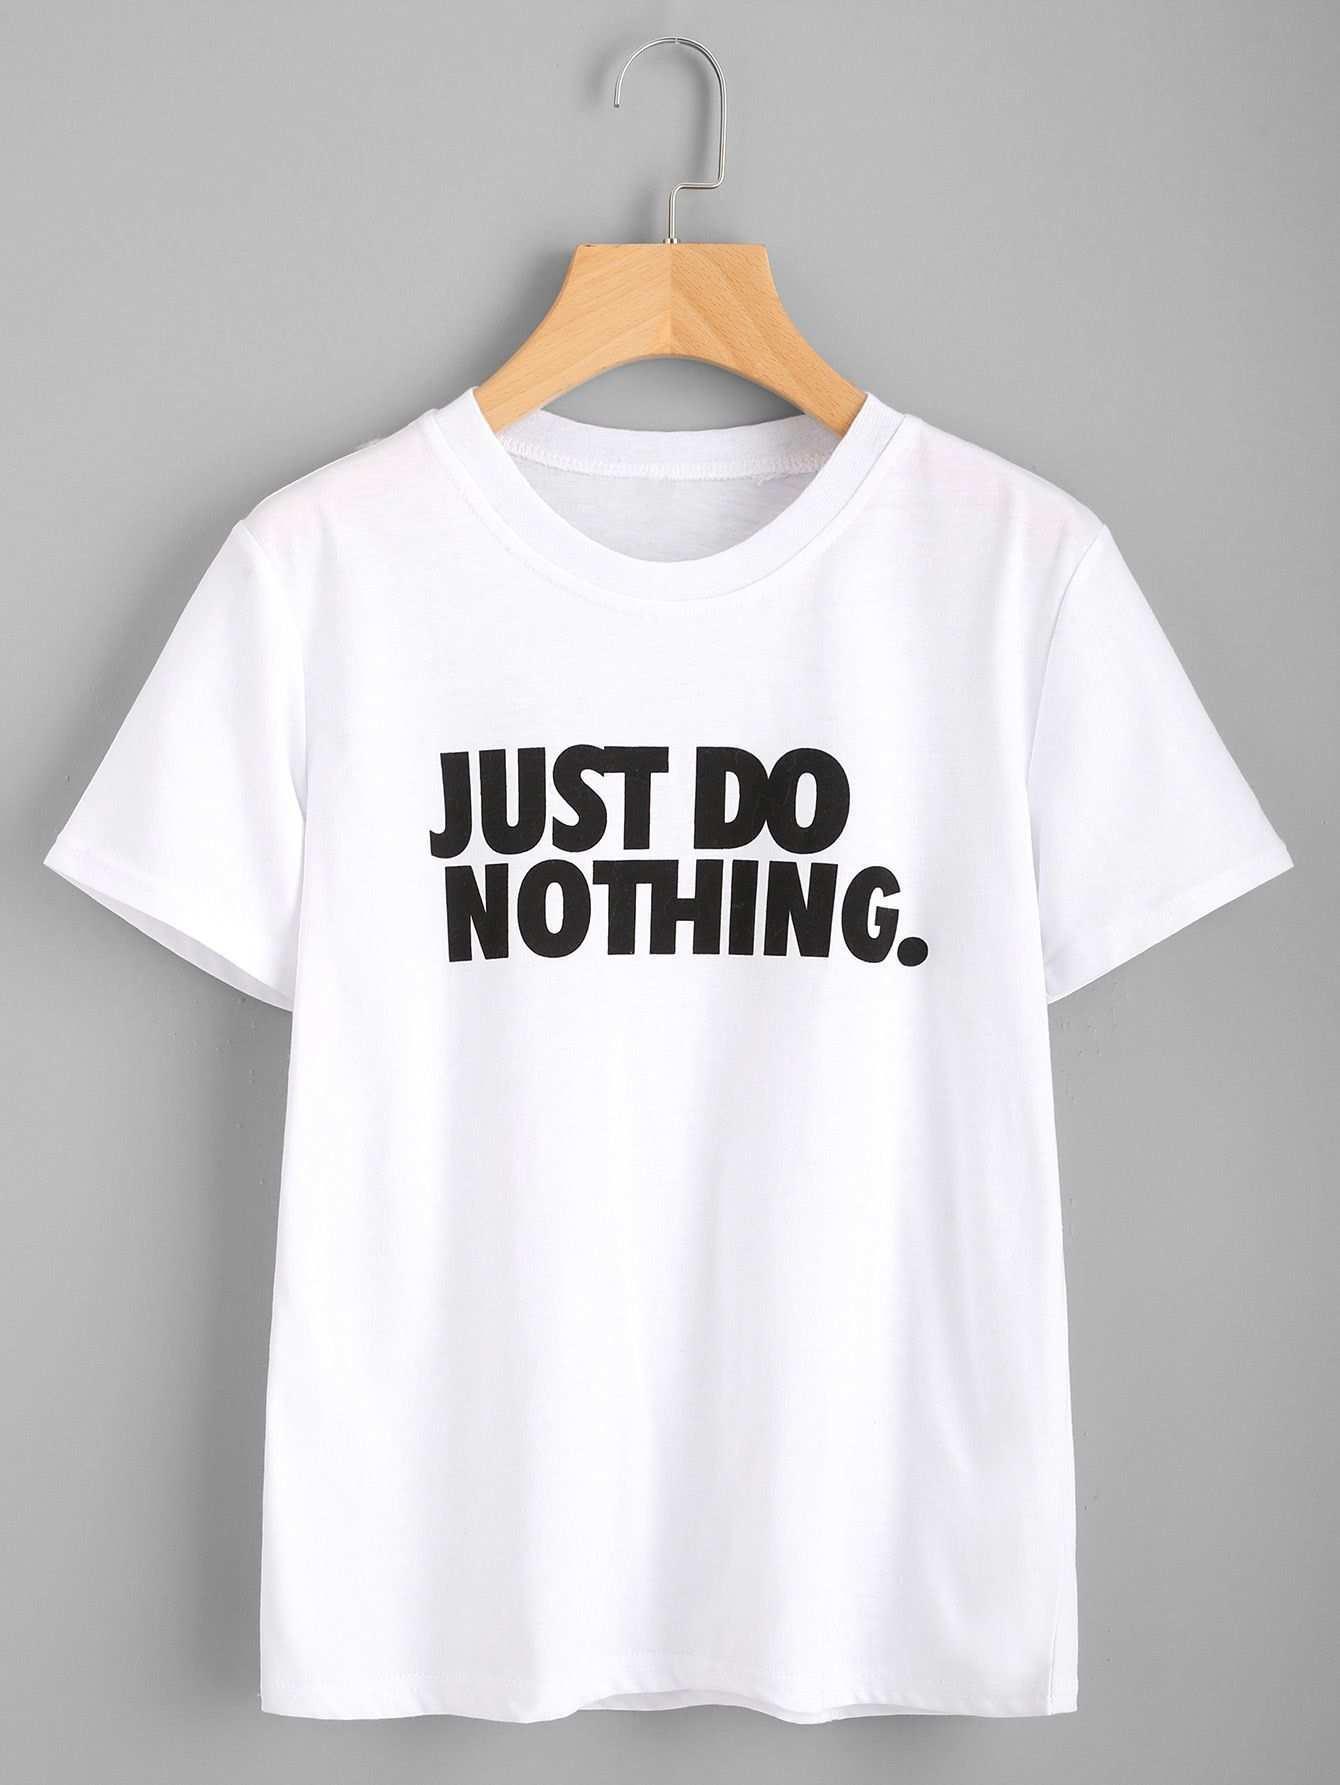 Slogan Print Tee Tumblr T Shirt Shirts Printed Tees